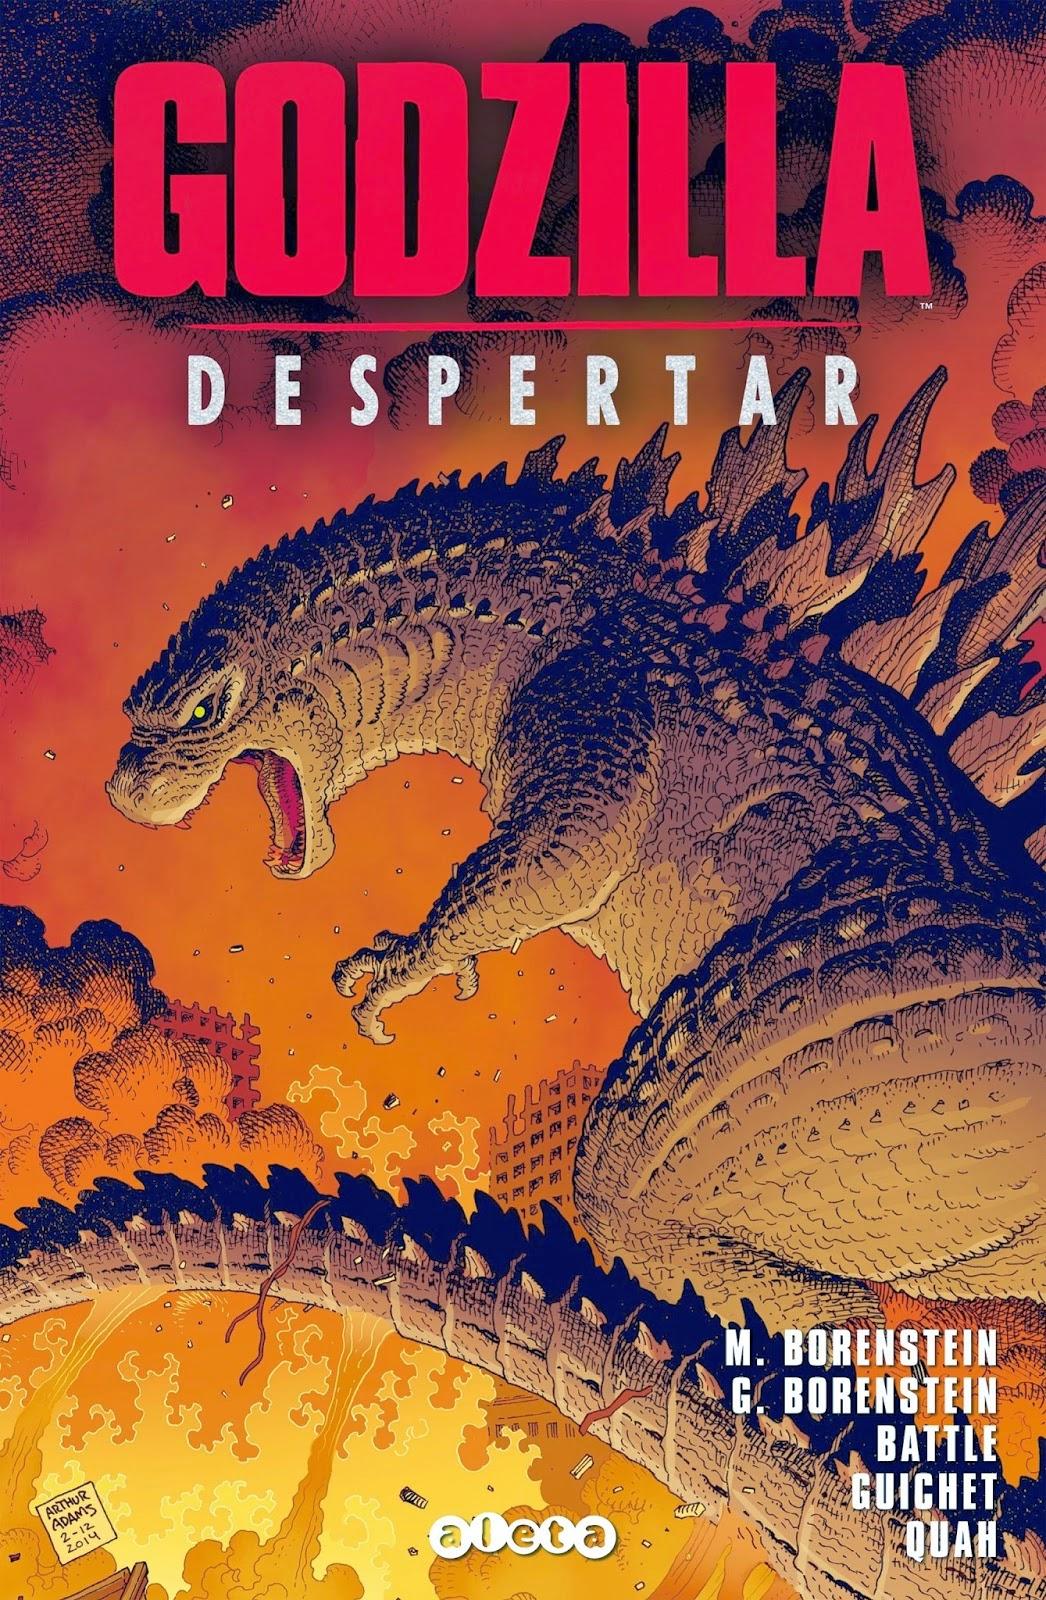 Godzilla: Despertar